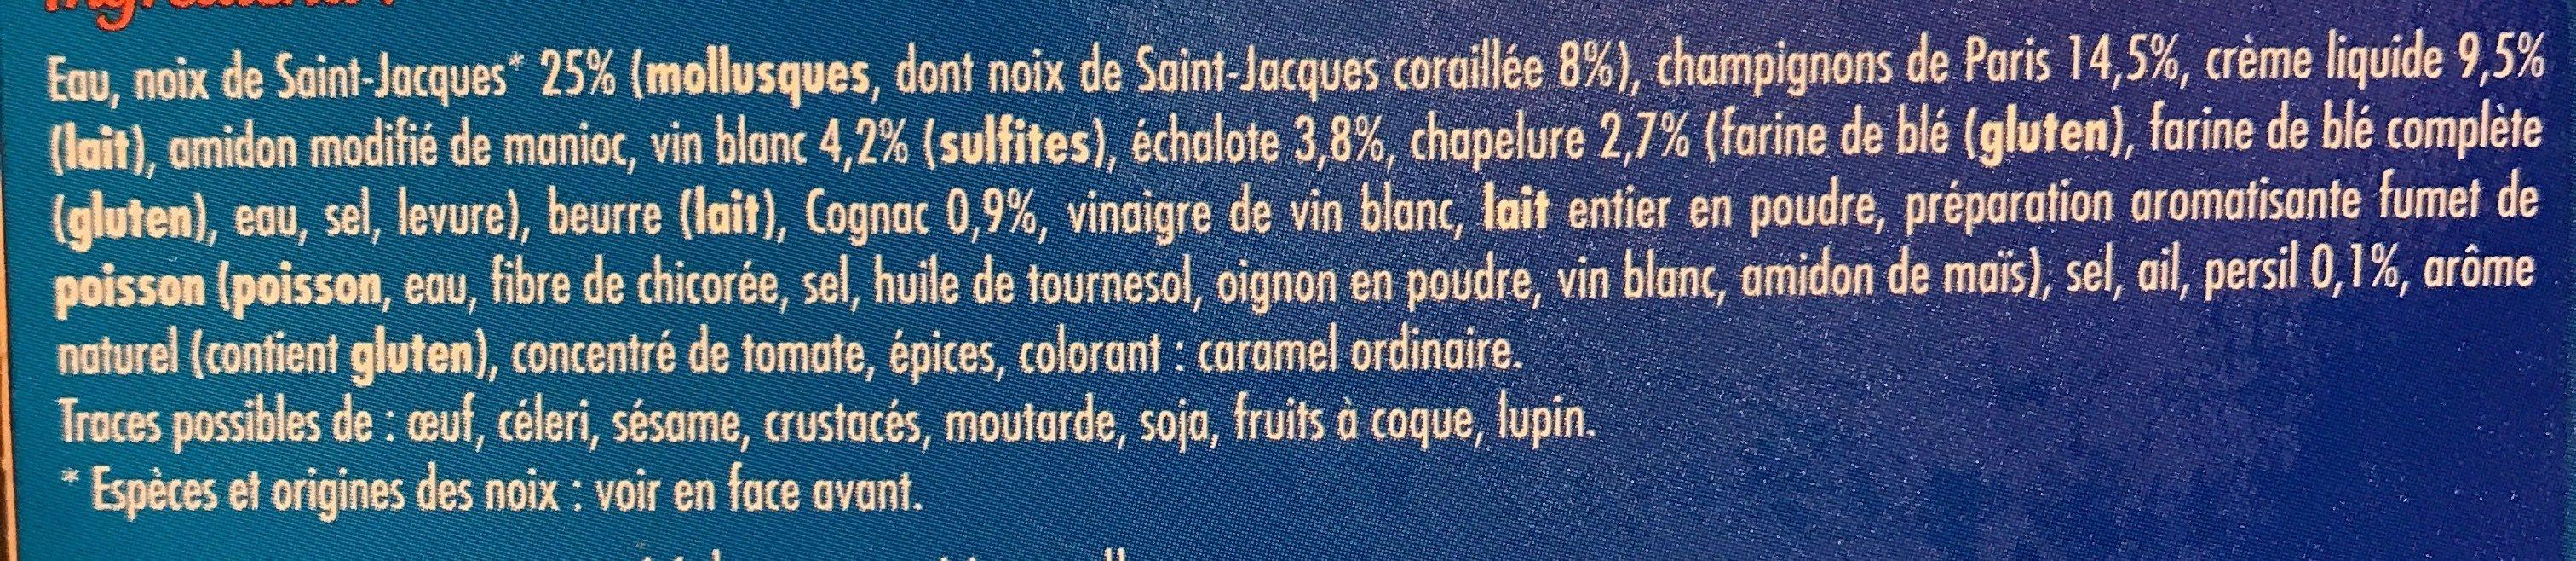 2 Coquilles Saint-Jacques* à la Bretonne, Surgelées - Ingrédients